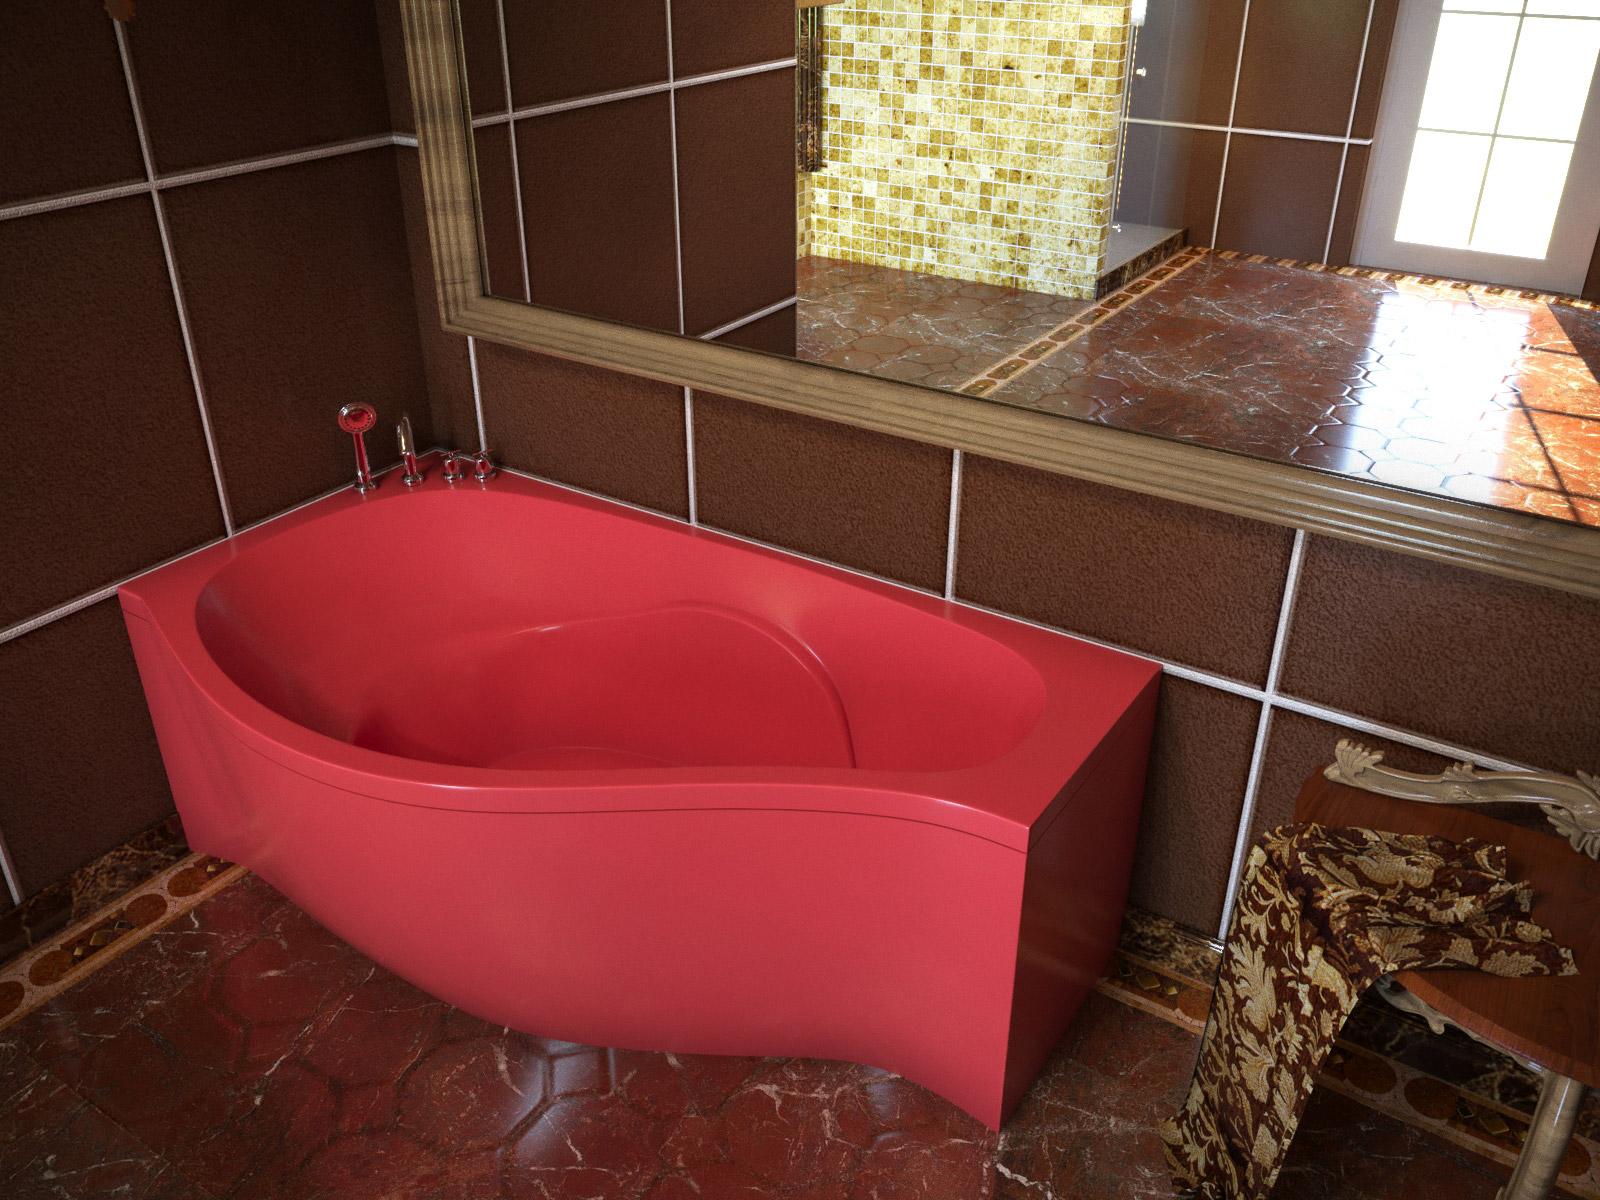 Ванна асимметричная Aquastone Корсика 170 в цвете по палитре RAL